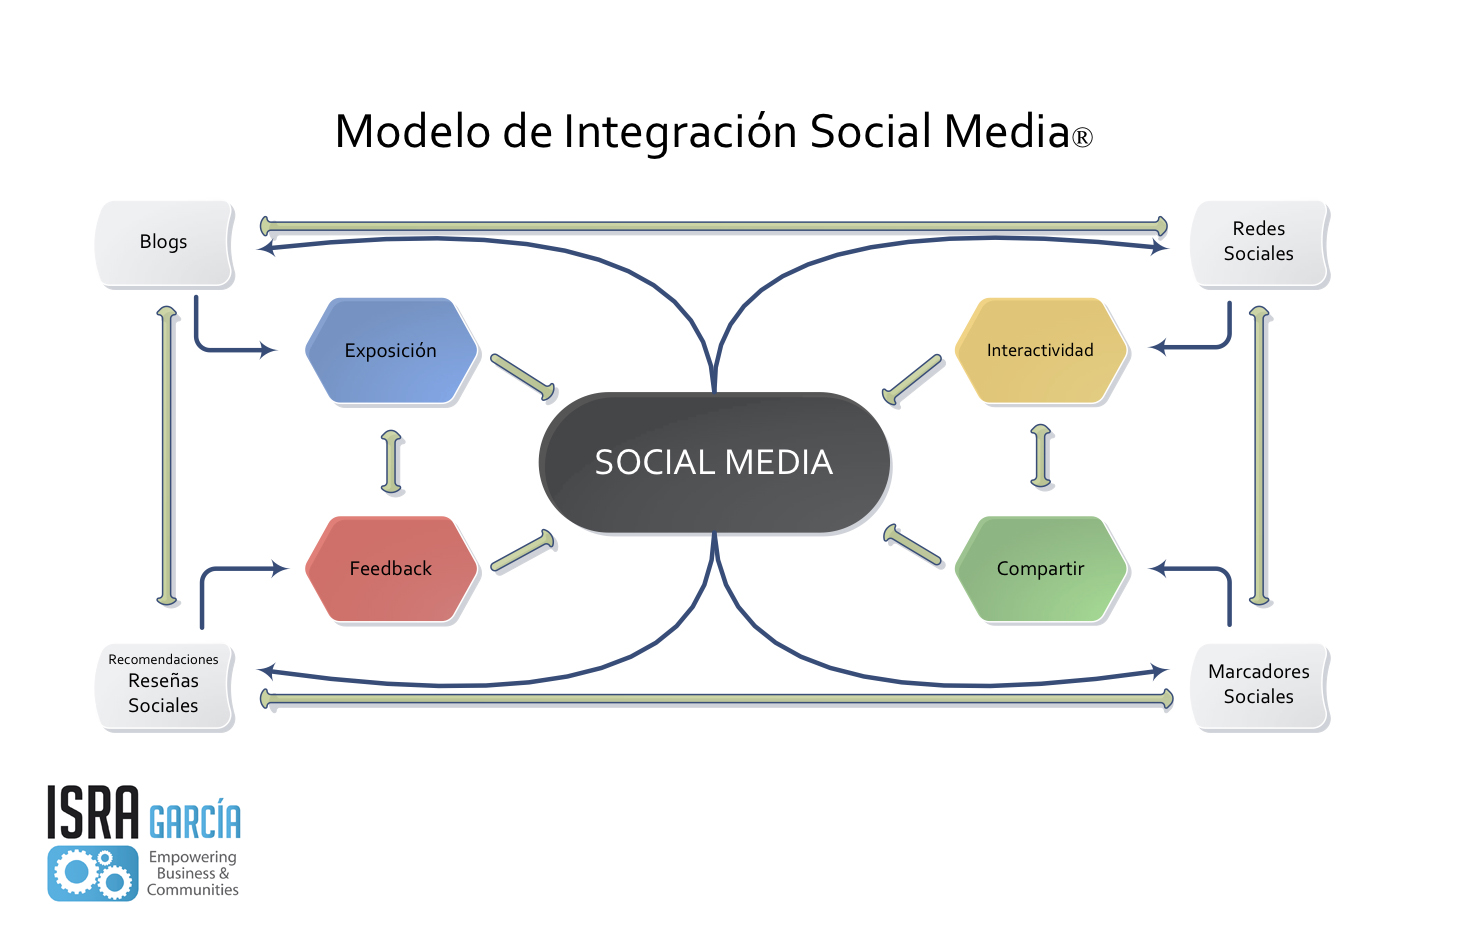 Modelo Integración Social Media [DIAGRAMA]